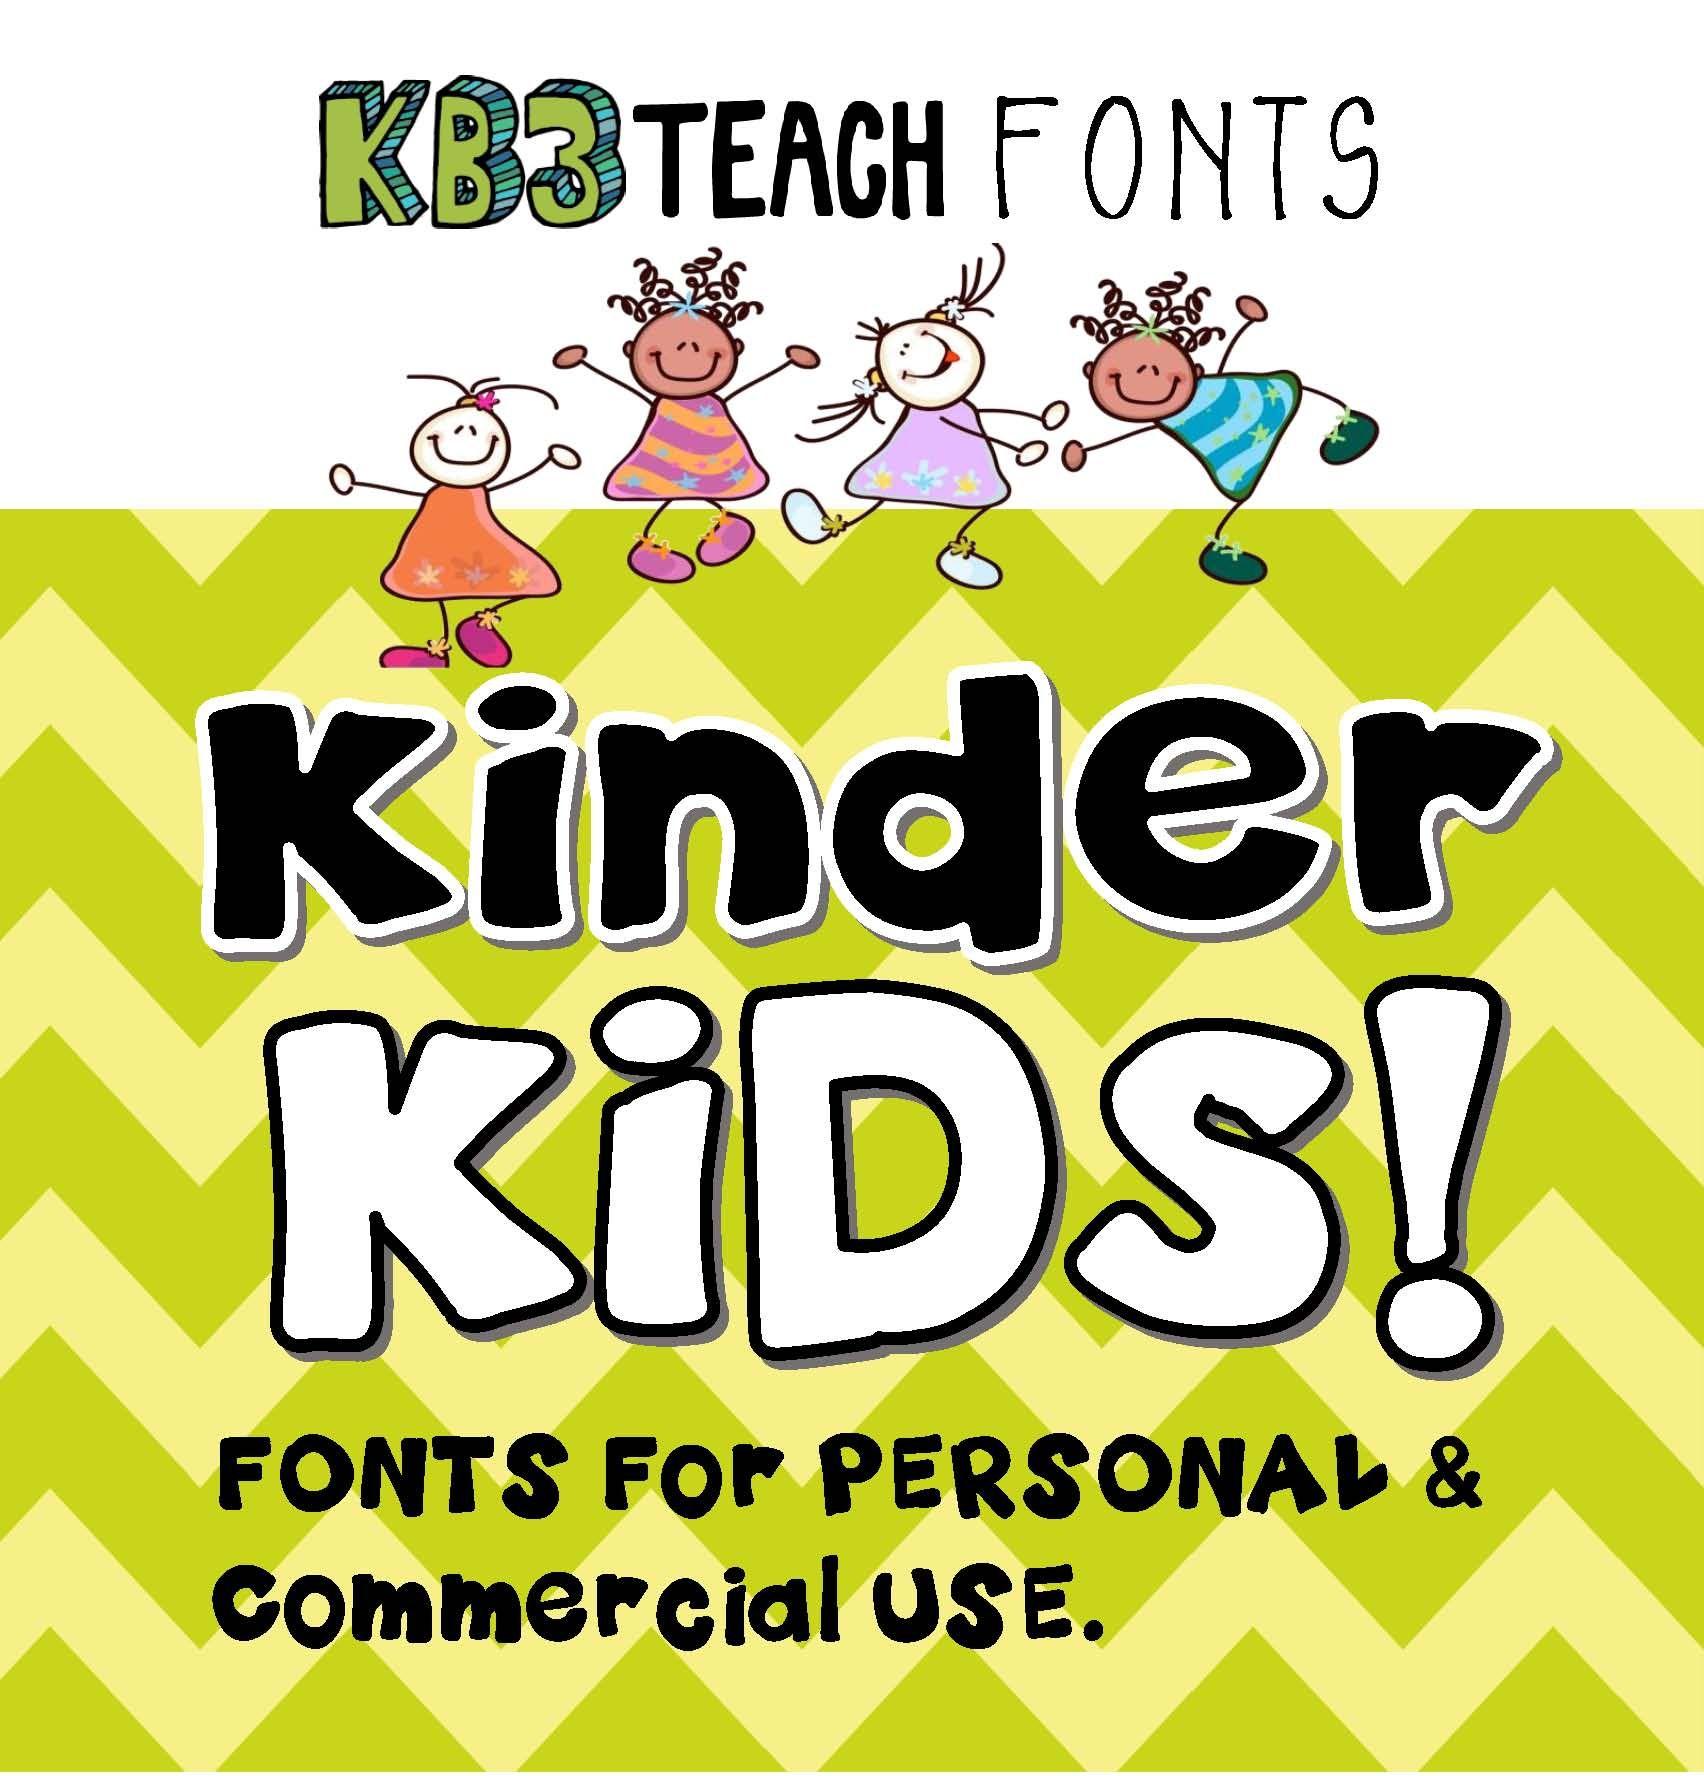 Fonts Kb3 Kinder Kids 6 Font Set Personal Amp Commercial